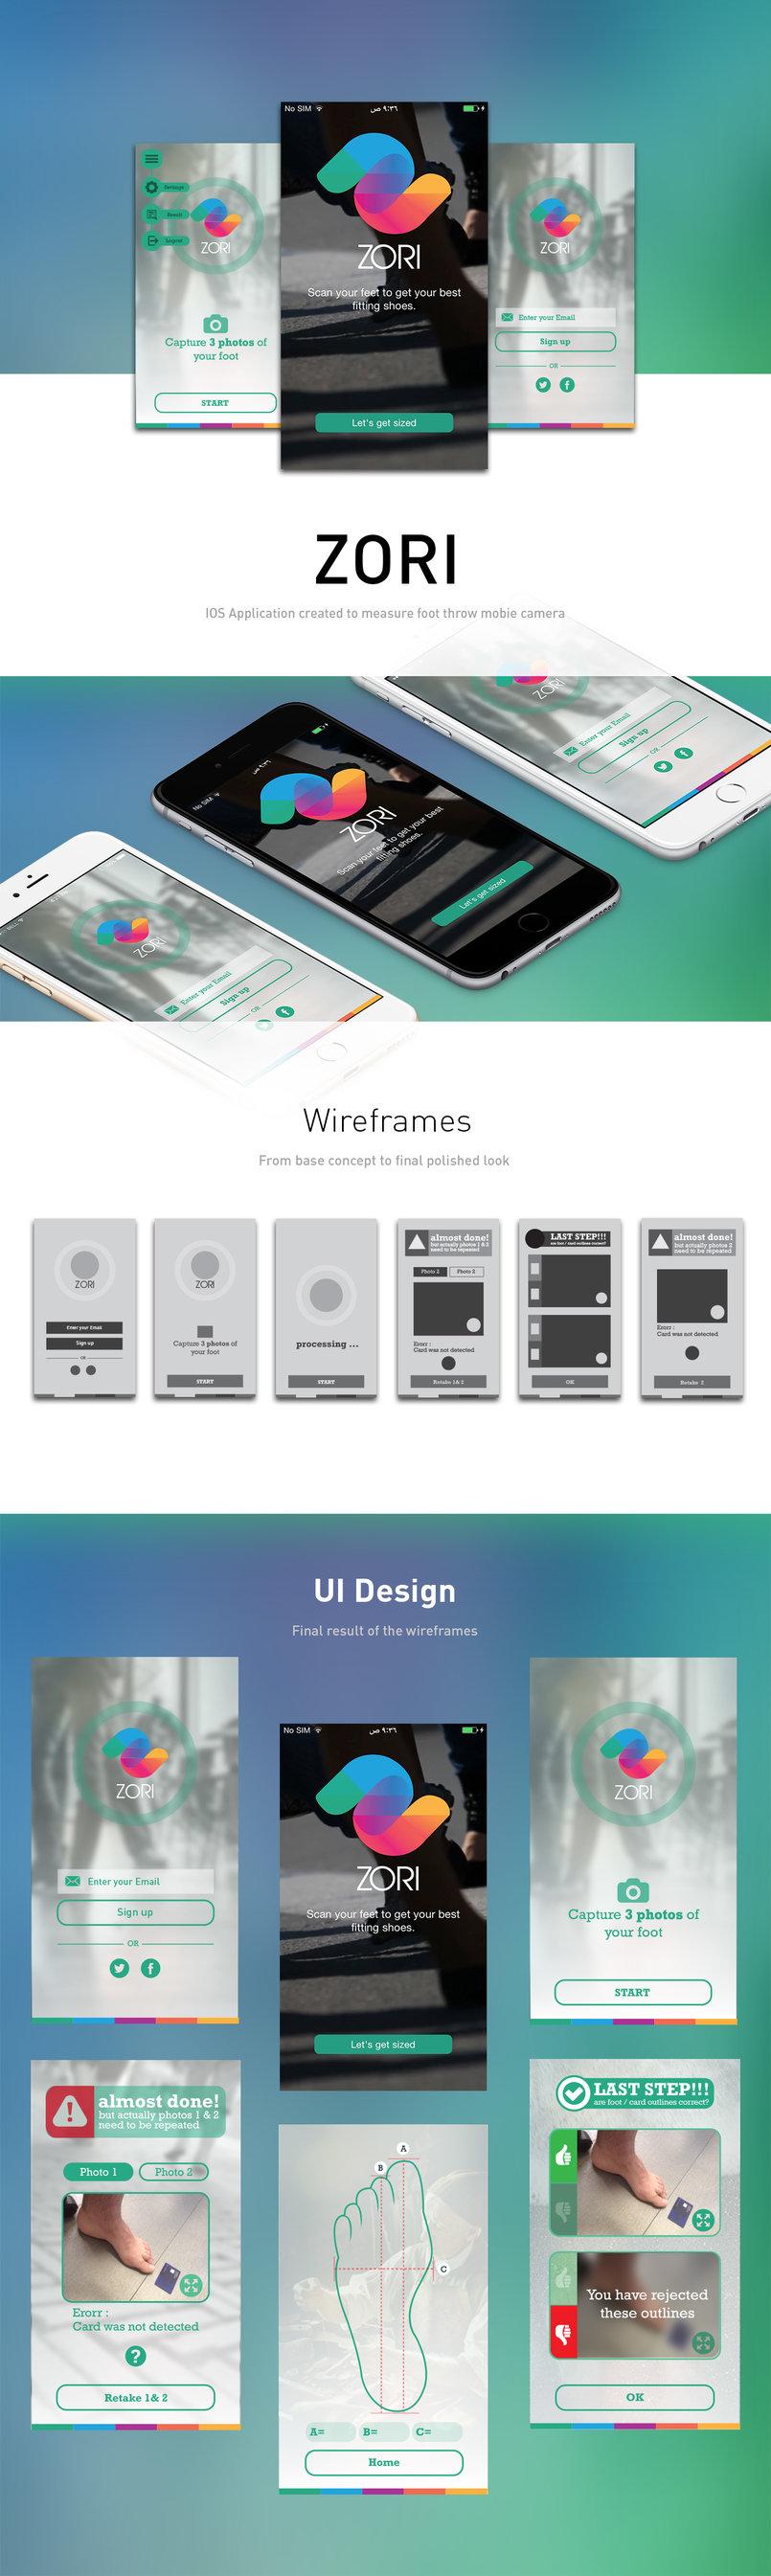 ZORI Mobile application